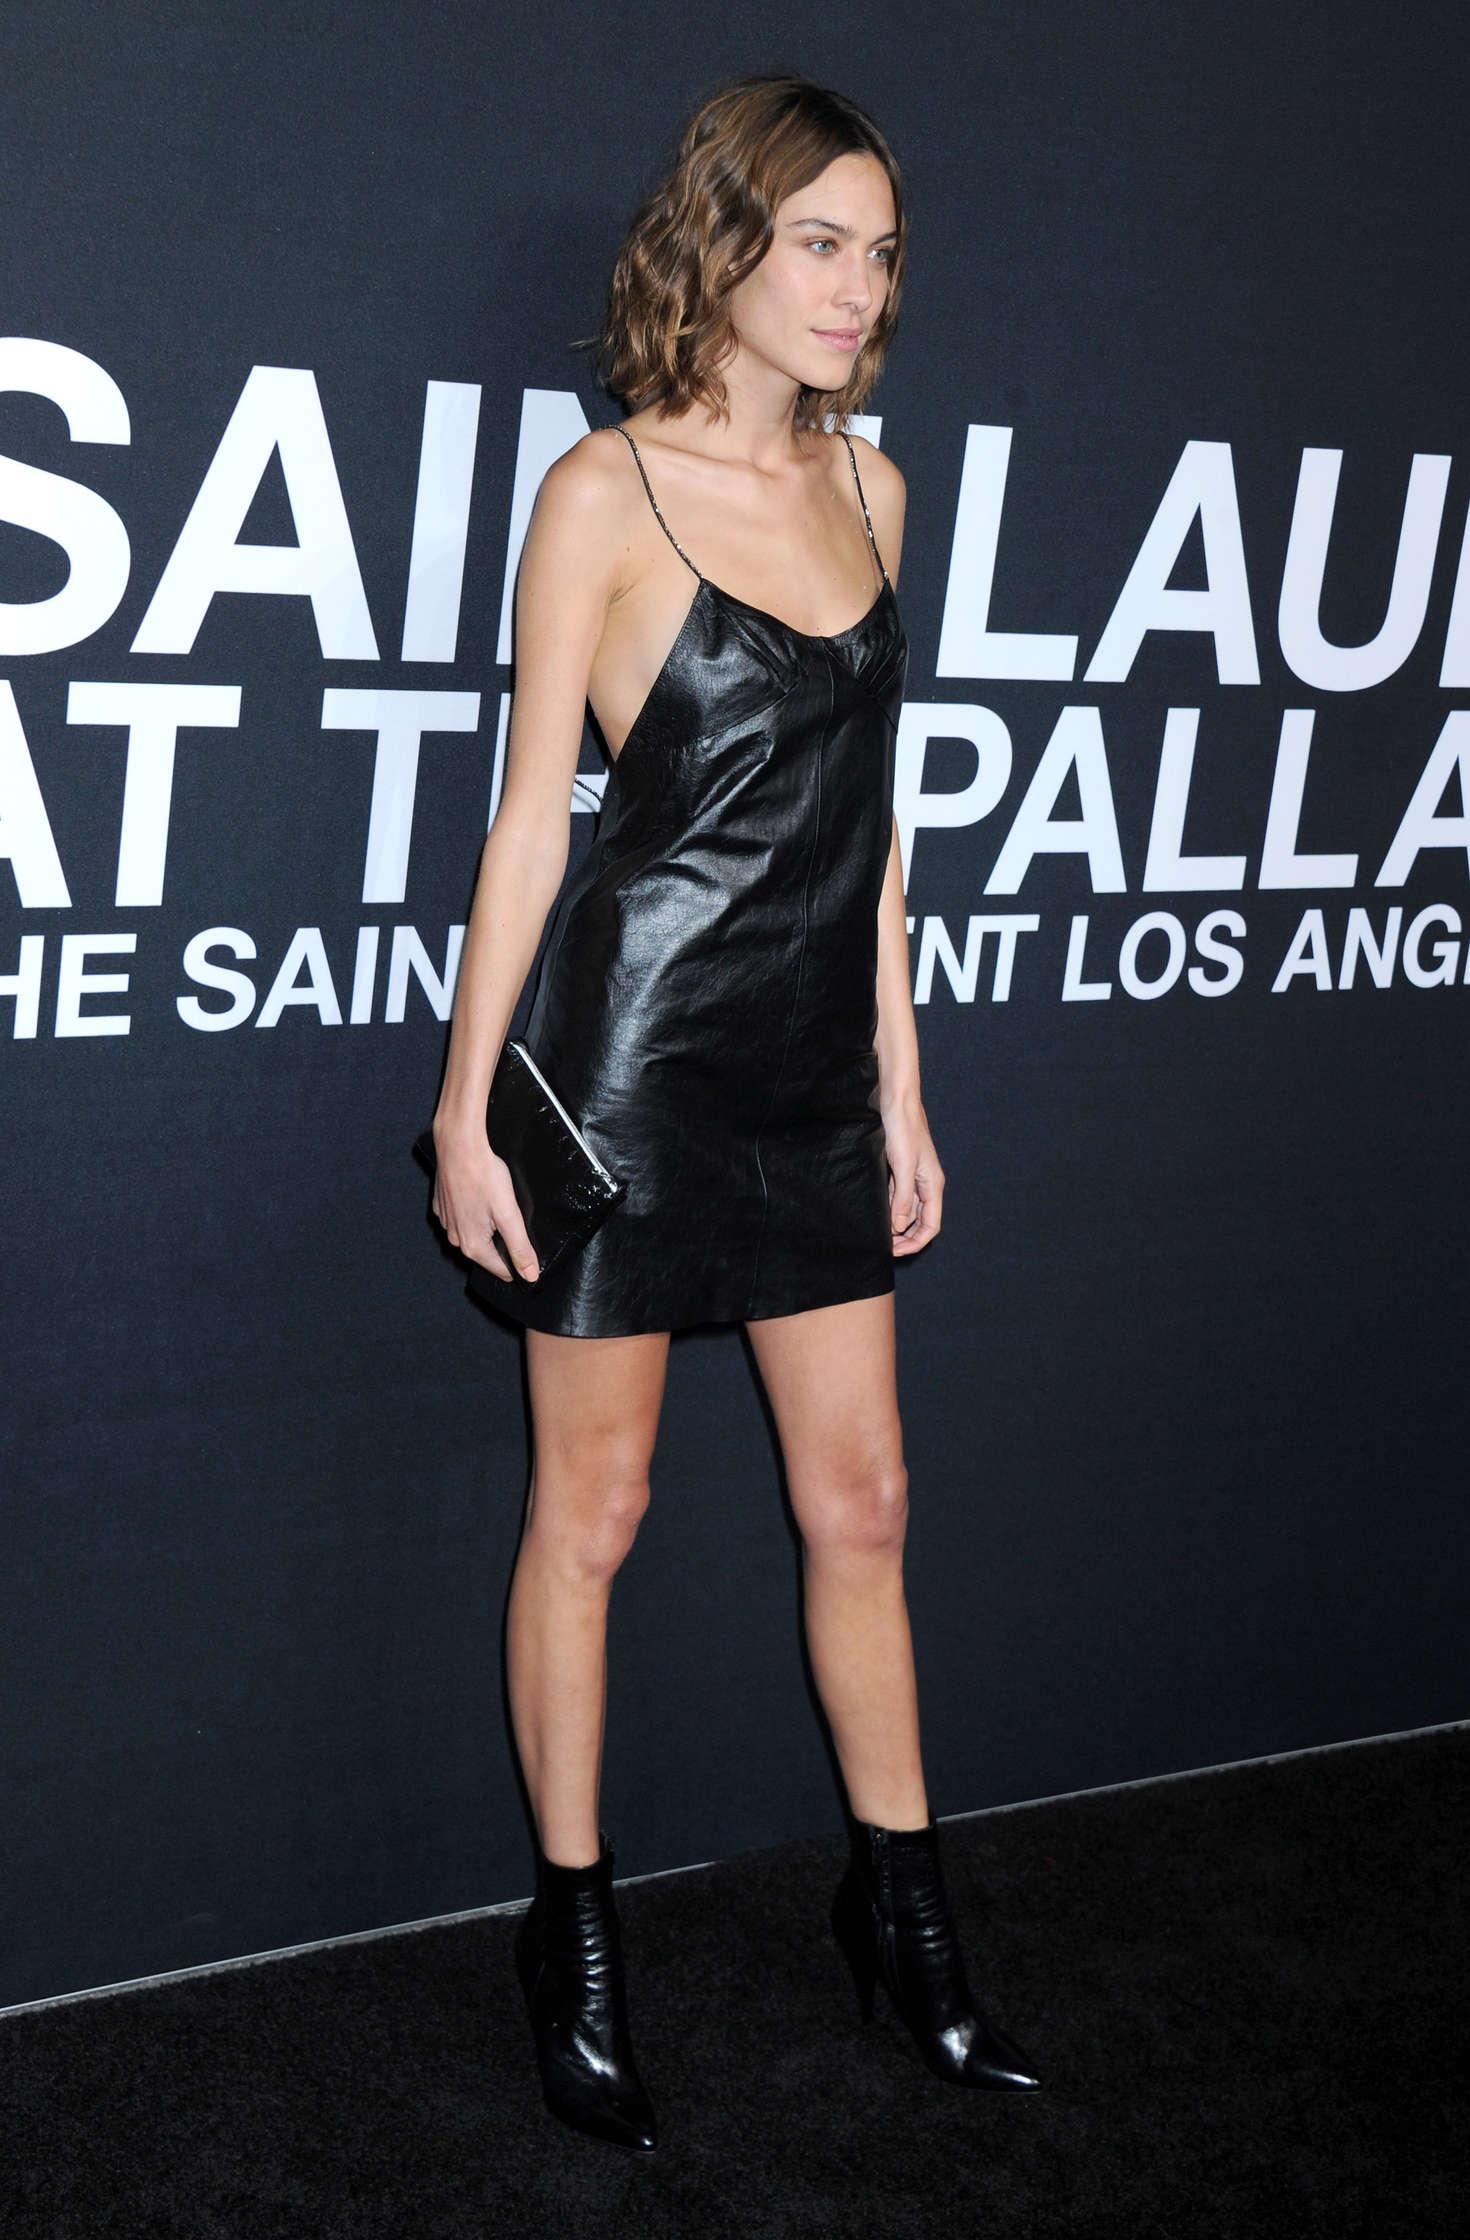 Alexa Chung attends Saint Laurent show